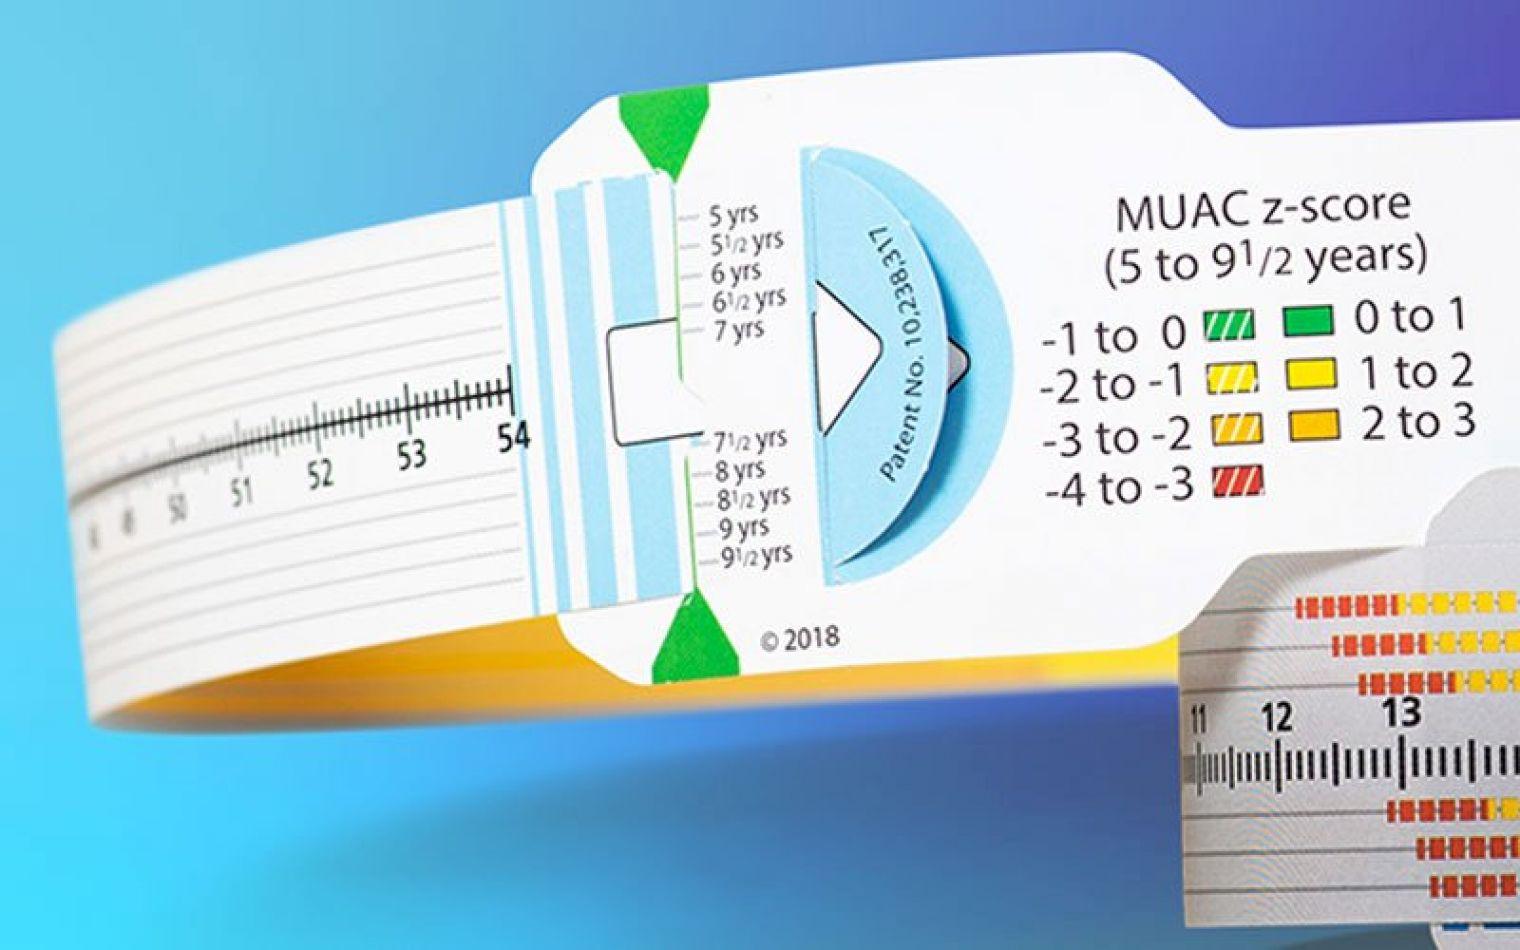 Distribuyen en Argentina innovadora cinta que permite medir malnutrición en niños